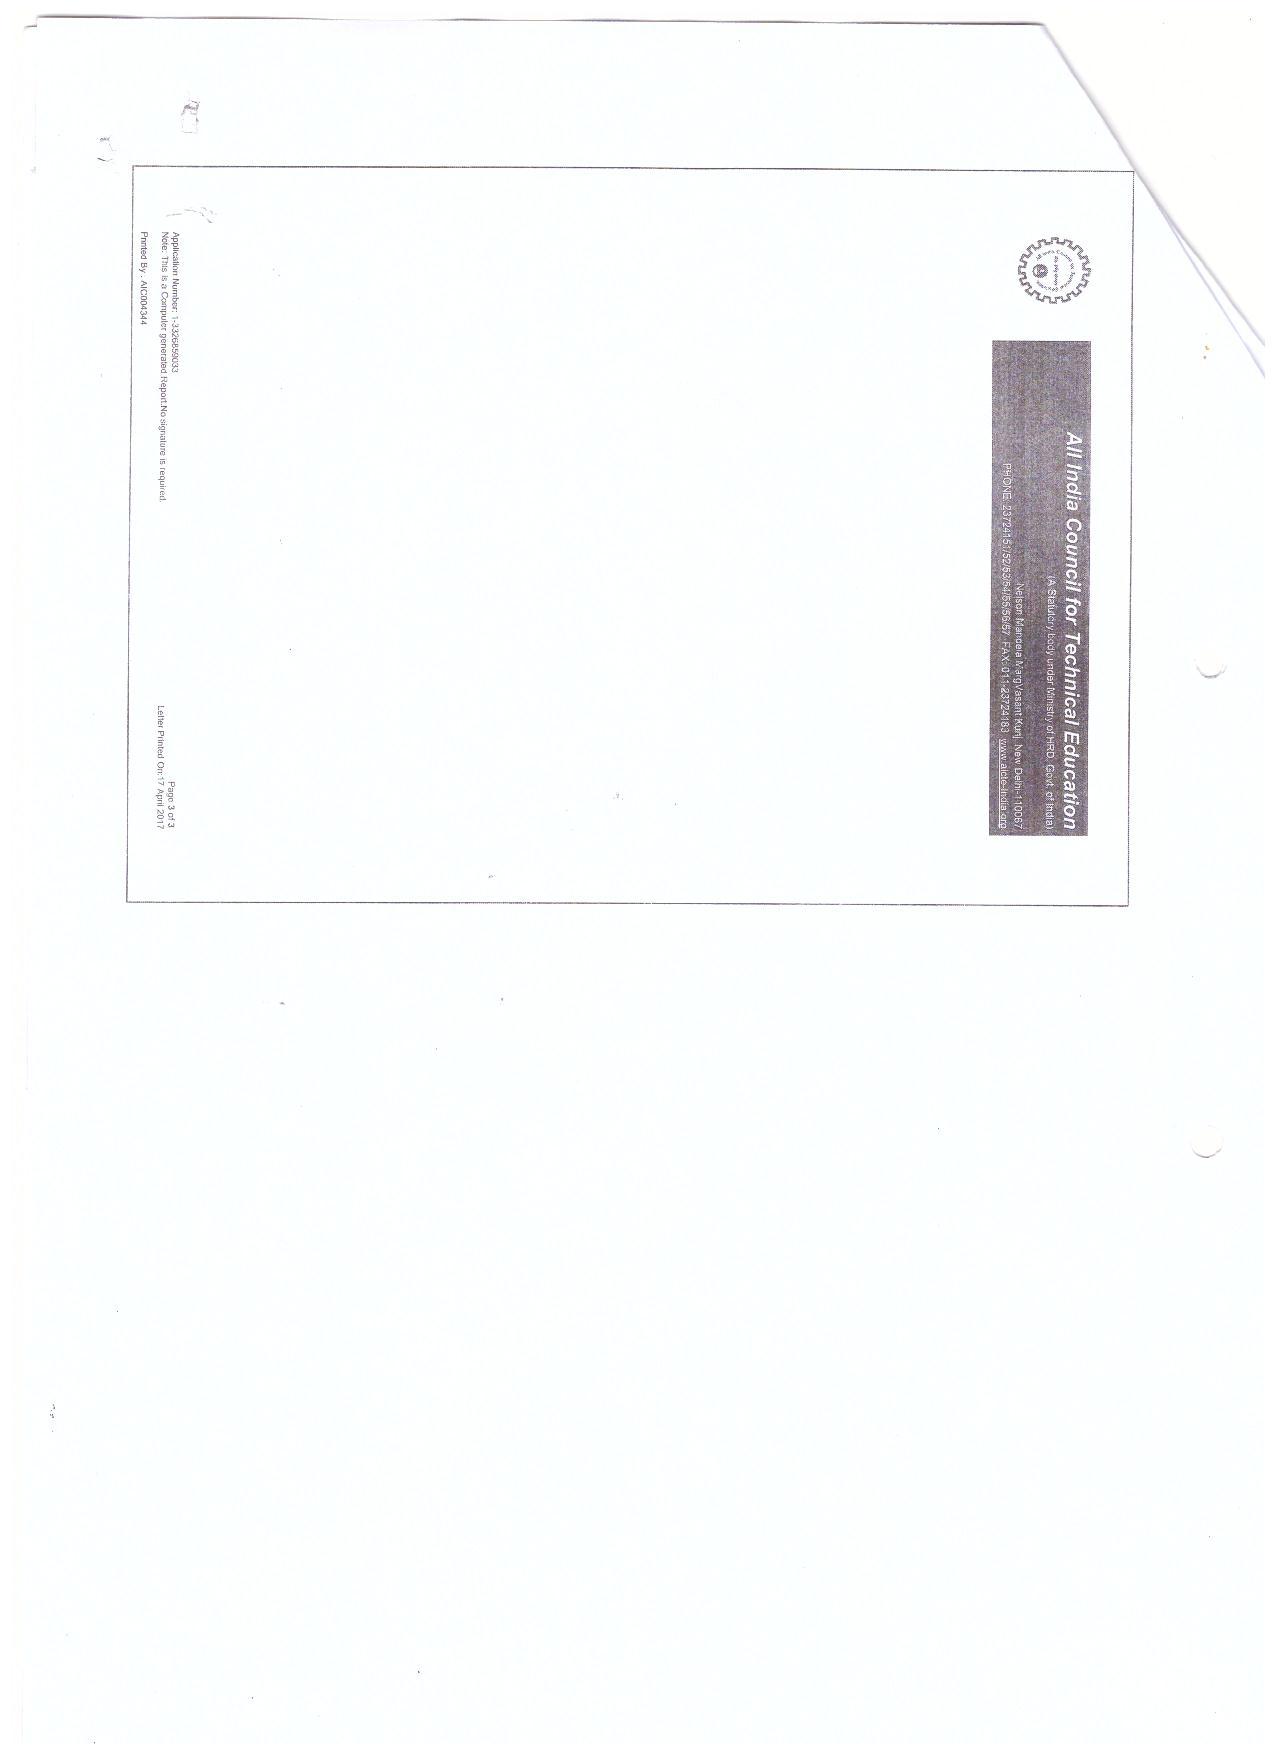 AICTE Approval Copy 2017-18 (2)